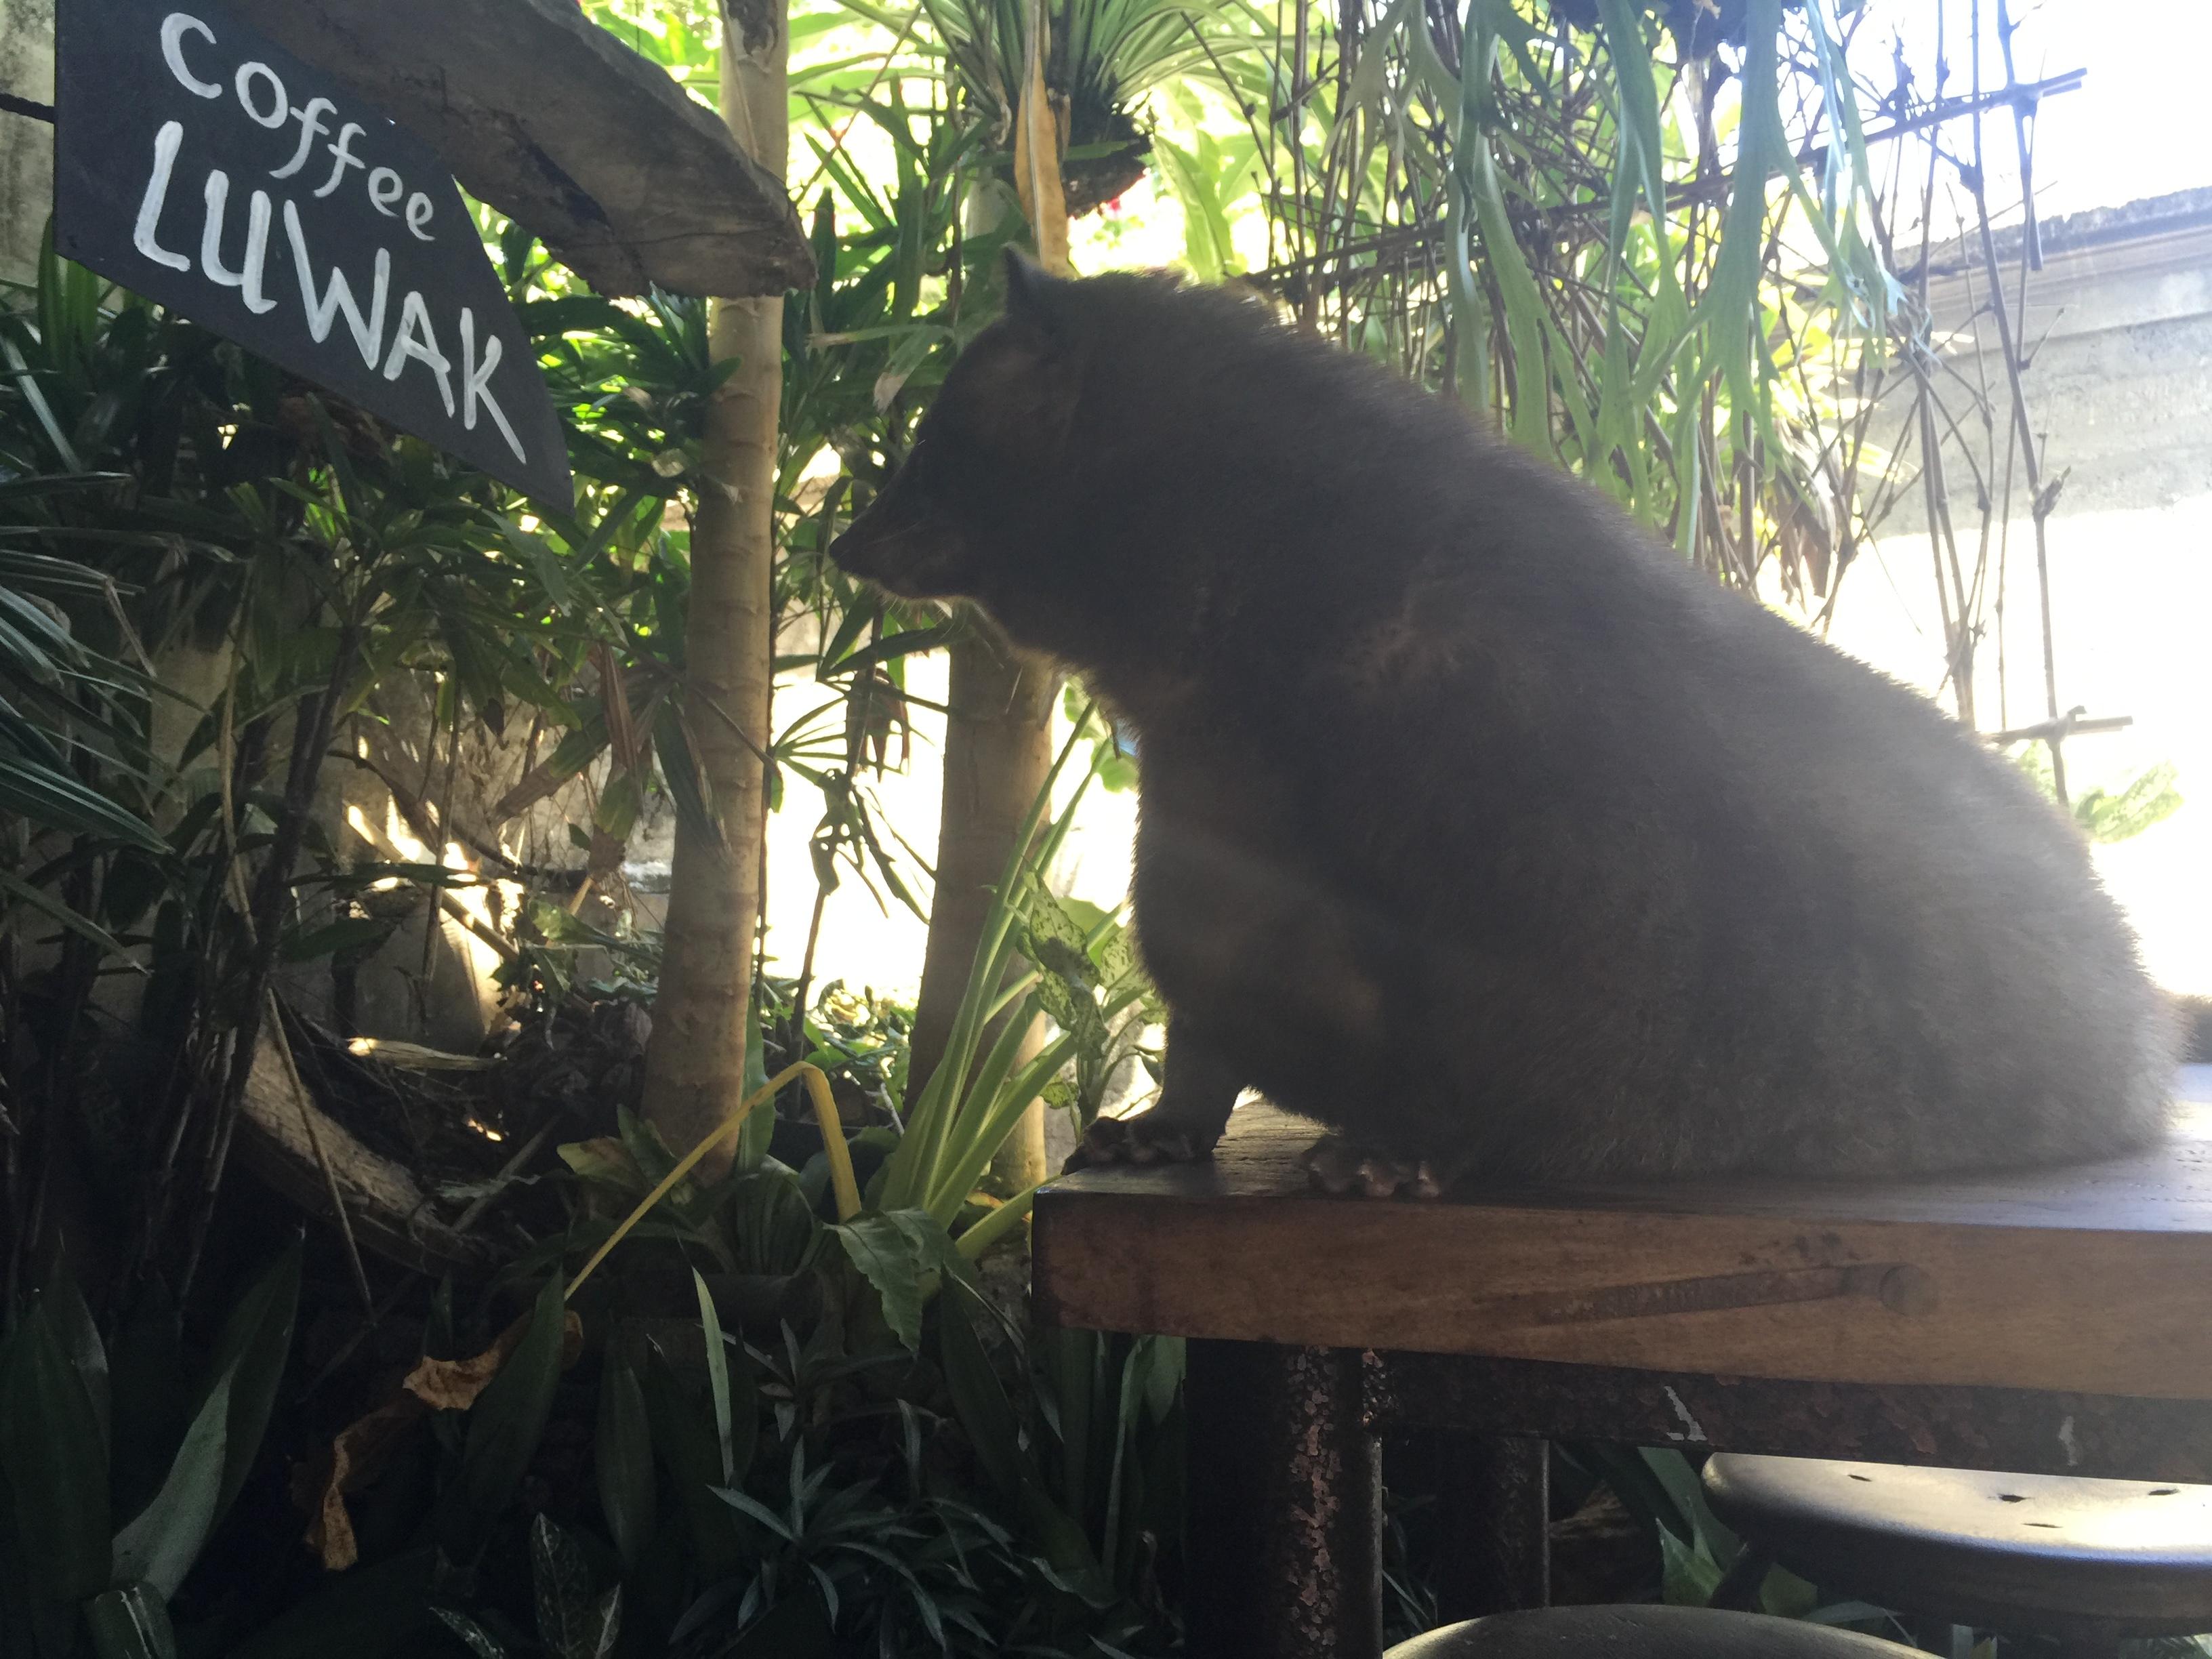 Civit Cat